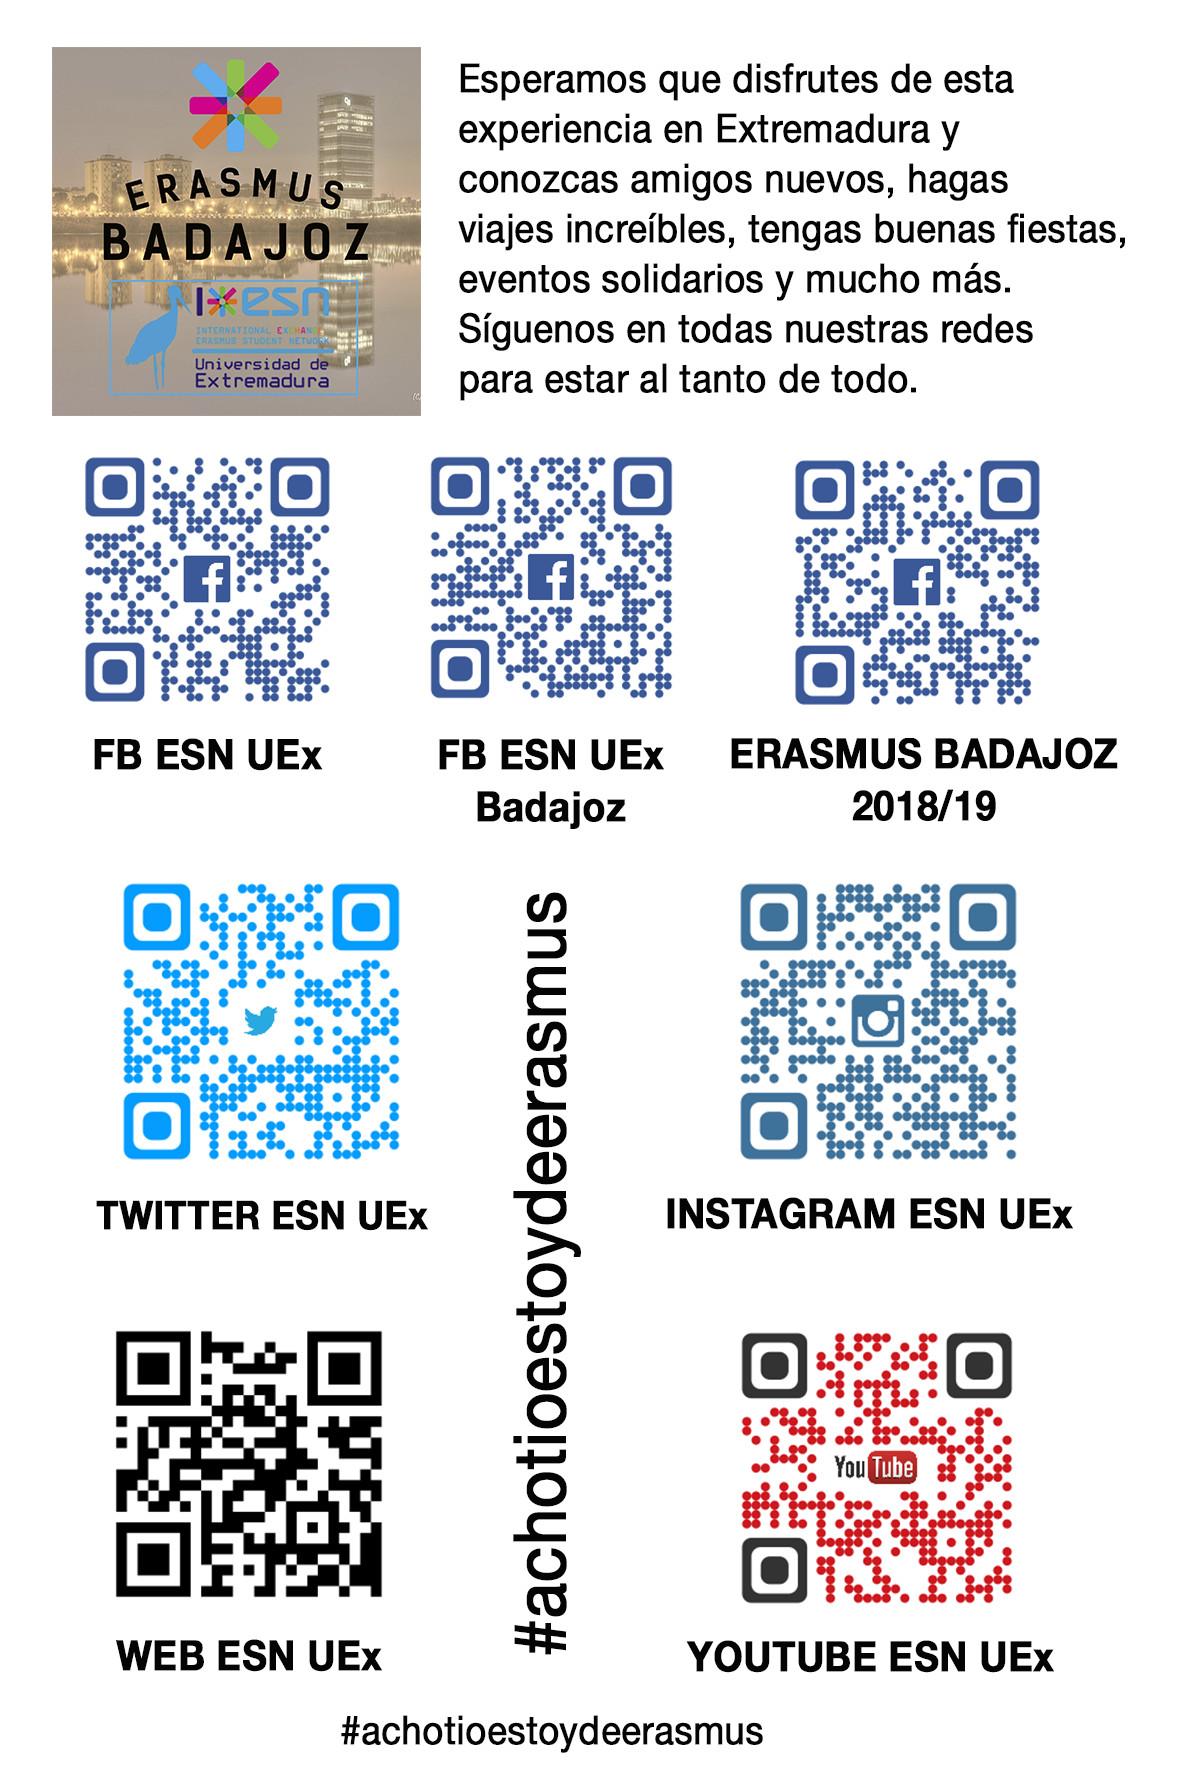 Erasmus Badajoz 2018 / 2019 (English)